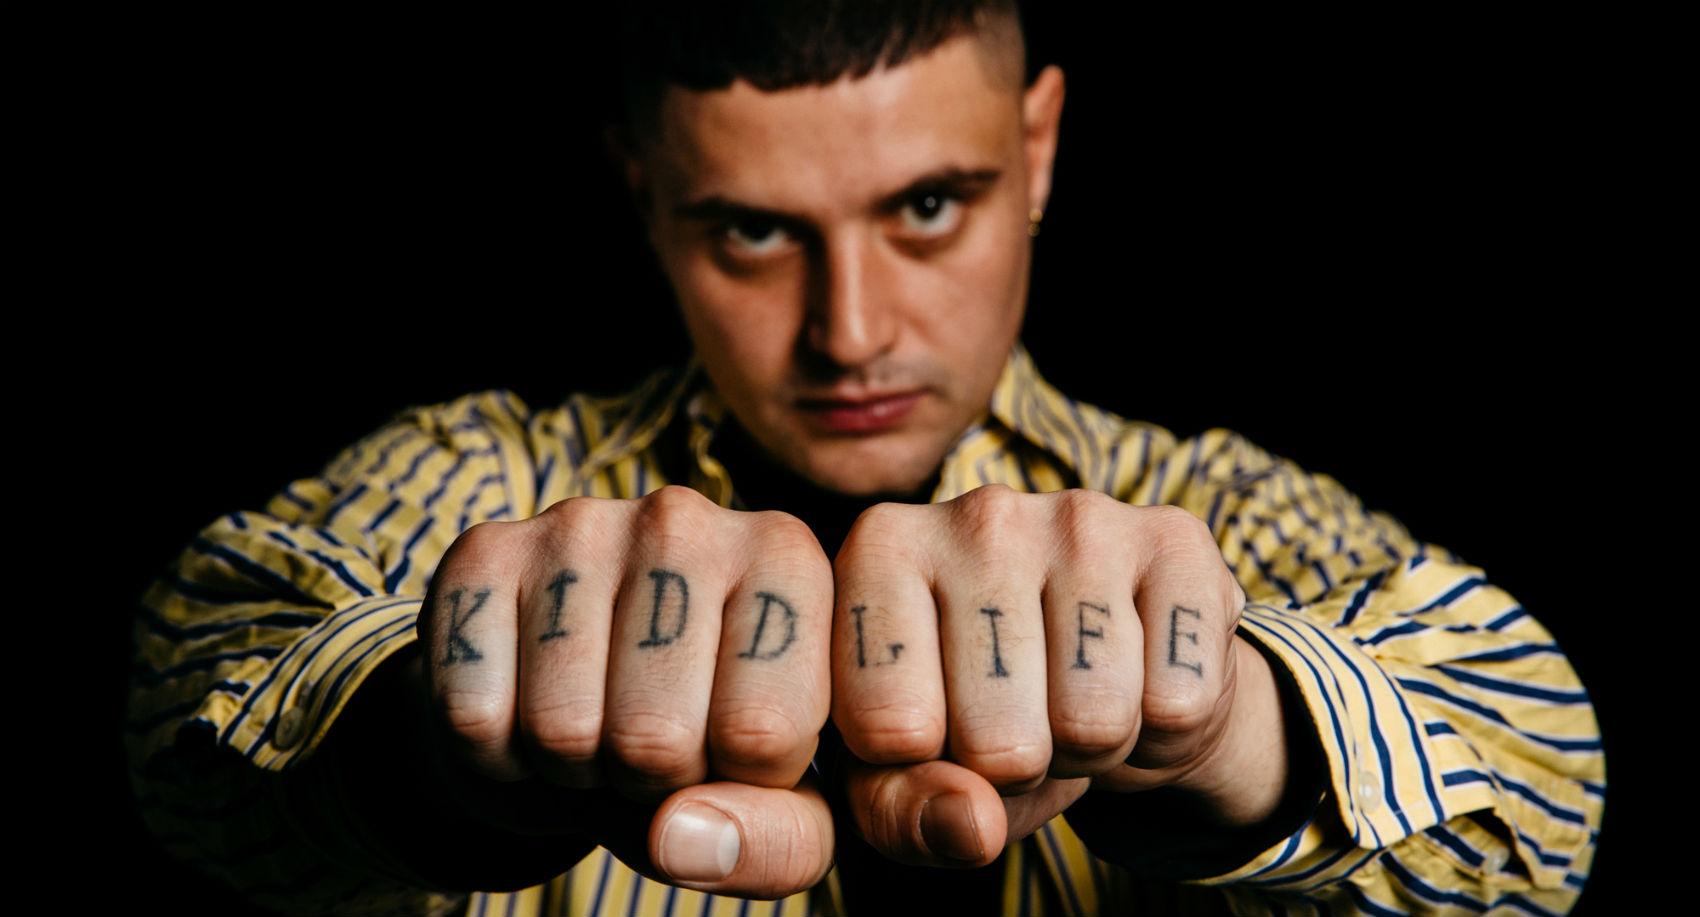 Kidd kickstartede 2010'ernes rap-revolution: »Jeg har været prototypen på alles succes«